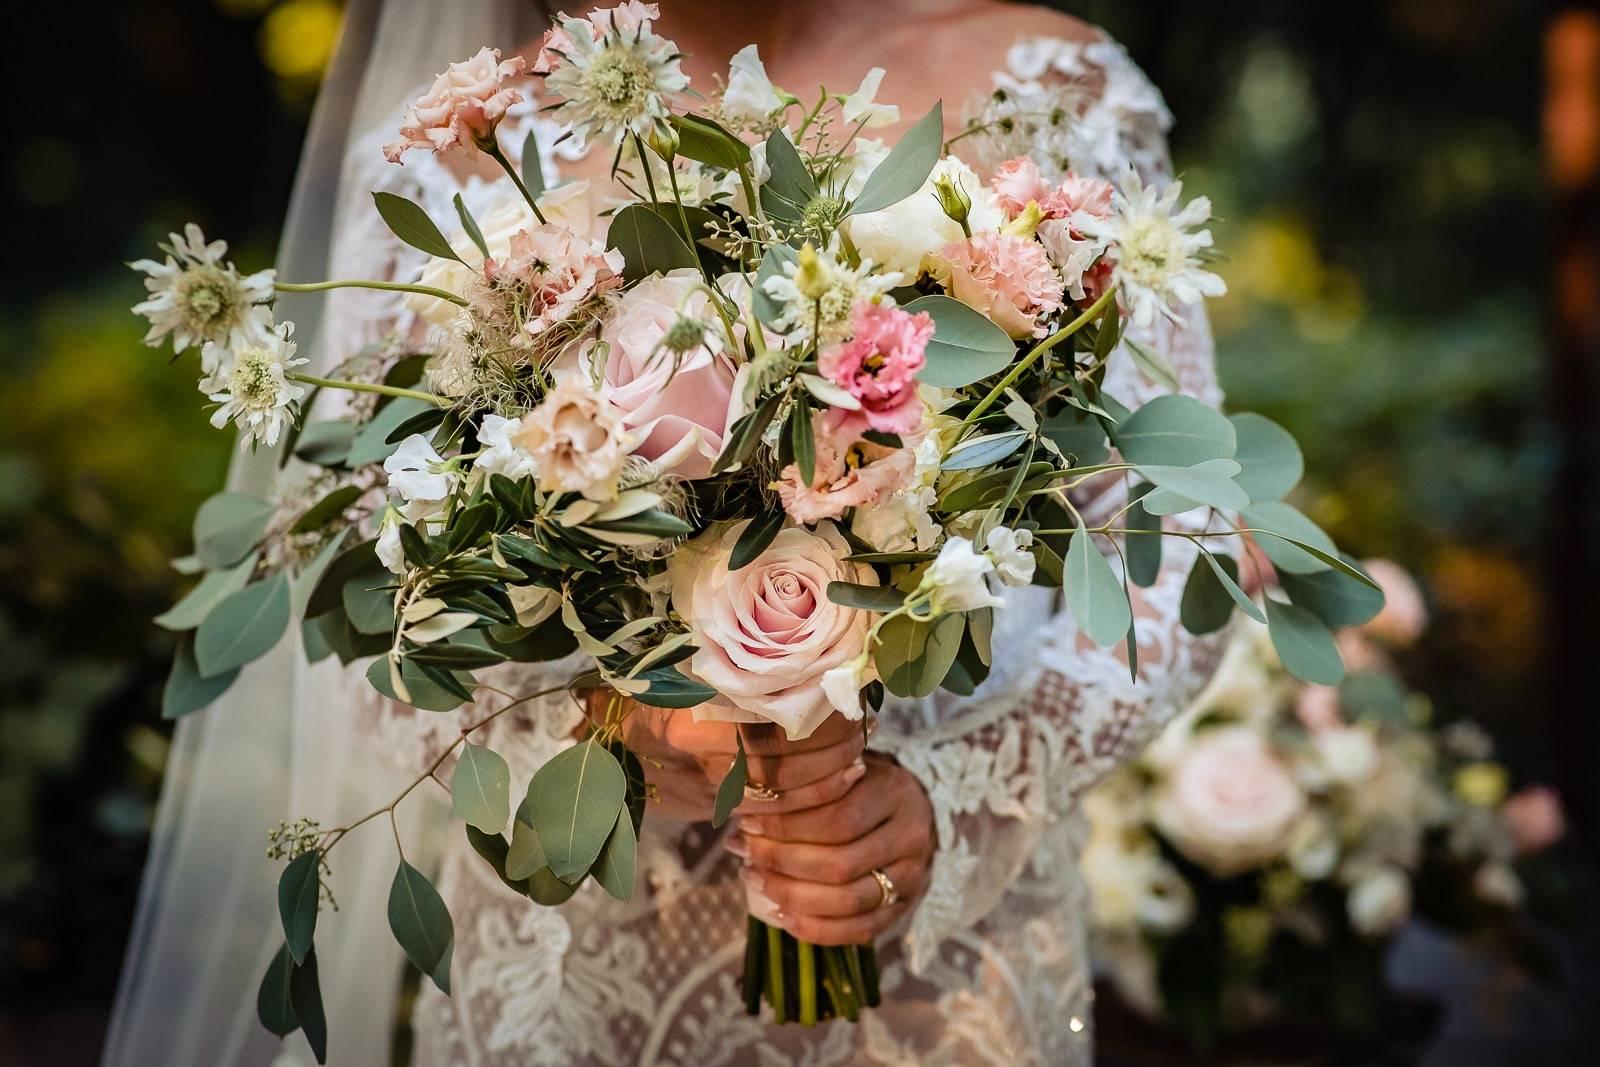 Eppel Fotografie - Trouwfotograaf - Huwelijksfotograaf - House of Weddings - 6